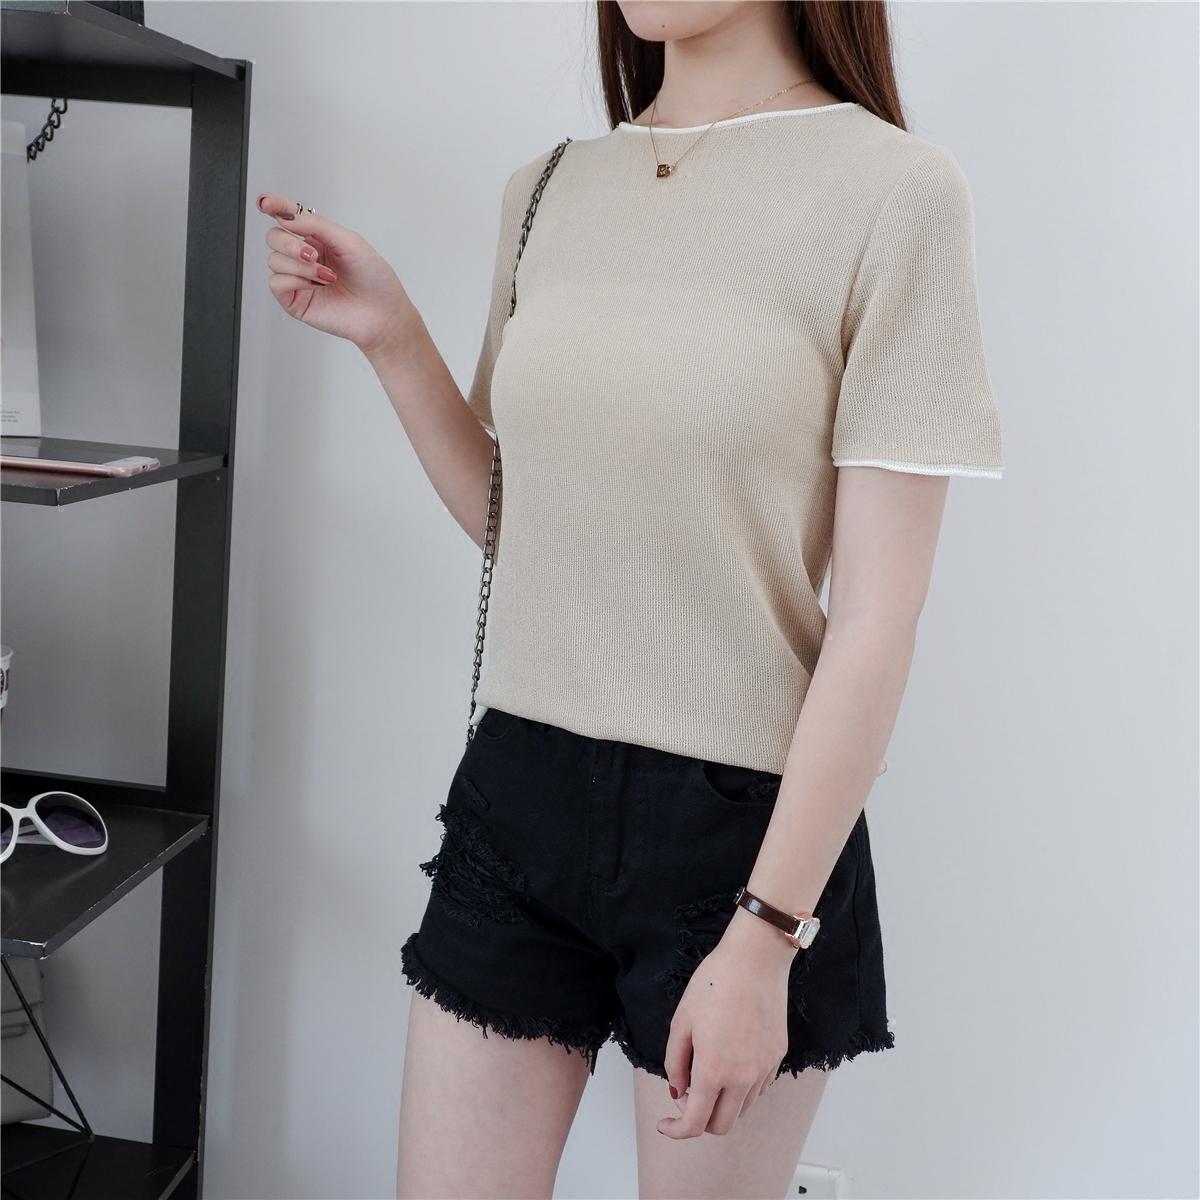 【实拍】8816新款复古百搭纯色针织衫简约修身圆领短袖T恤毛衣